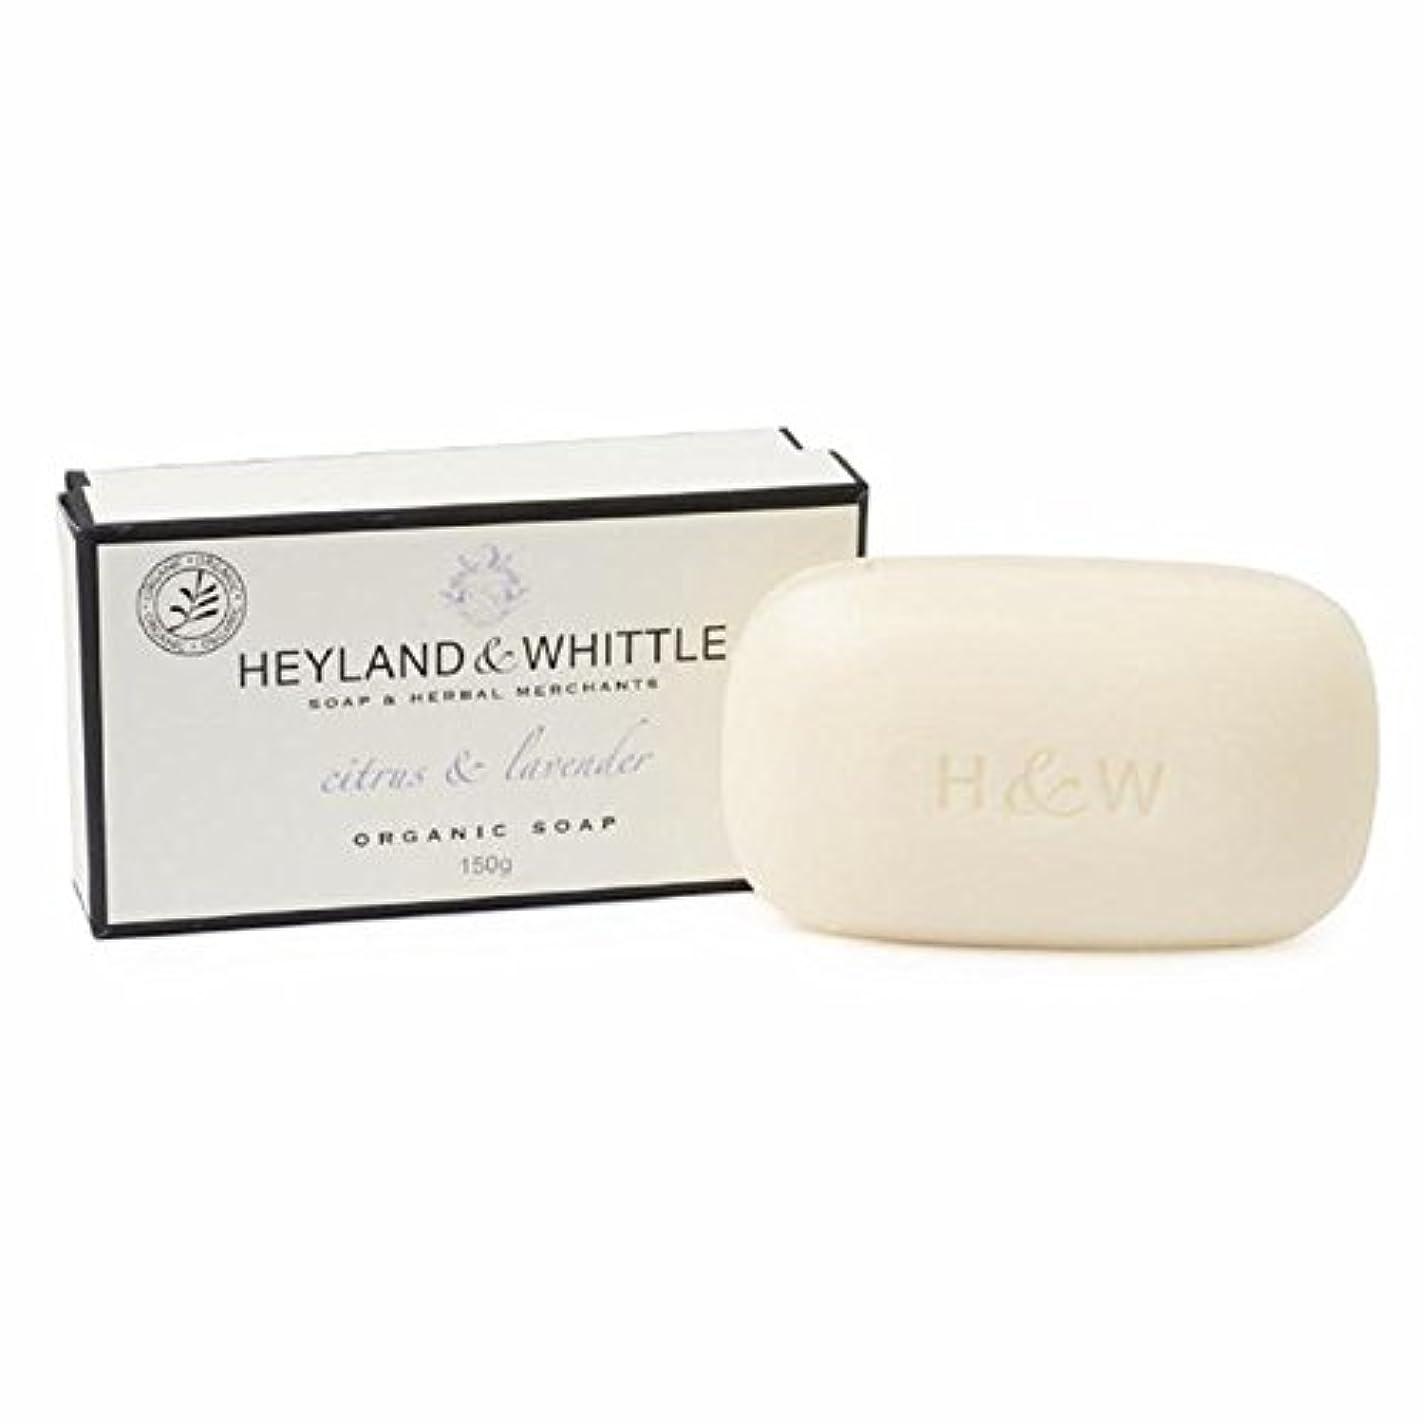 抜け目のない怒るストライプHeyland & Whittle Citrus & Lavender Boxed Organic Soap 150g - &削るシトラス&ラベンダーは、有機石鹸150グラム箱入り [並行輸入品]